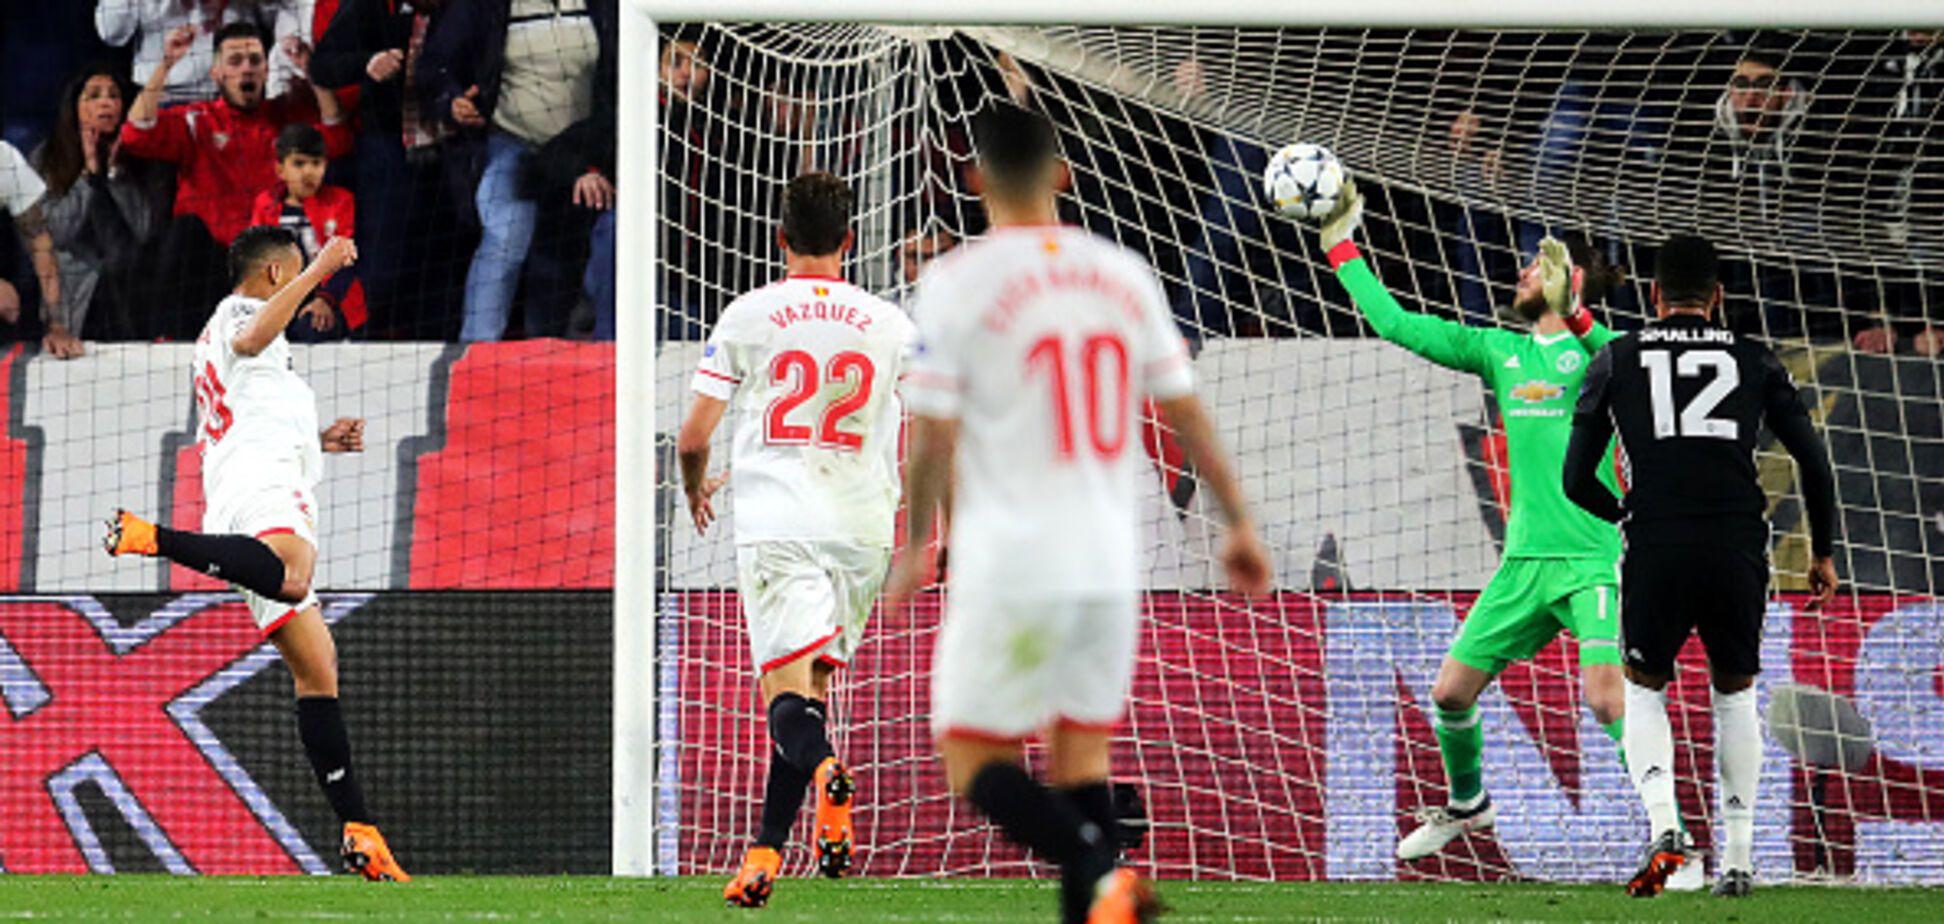 Вратарь 'Манчестер Юнайтед' совершил в матче Лиги чемпионов сумасшедший сейв, лишающий дара речи: видеофакт